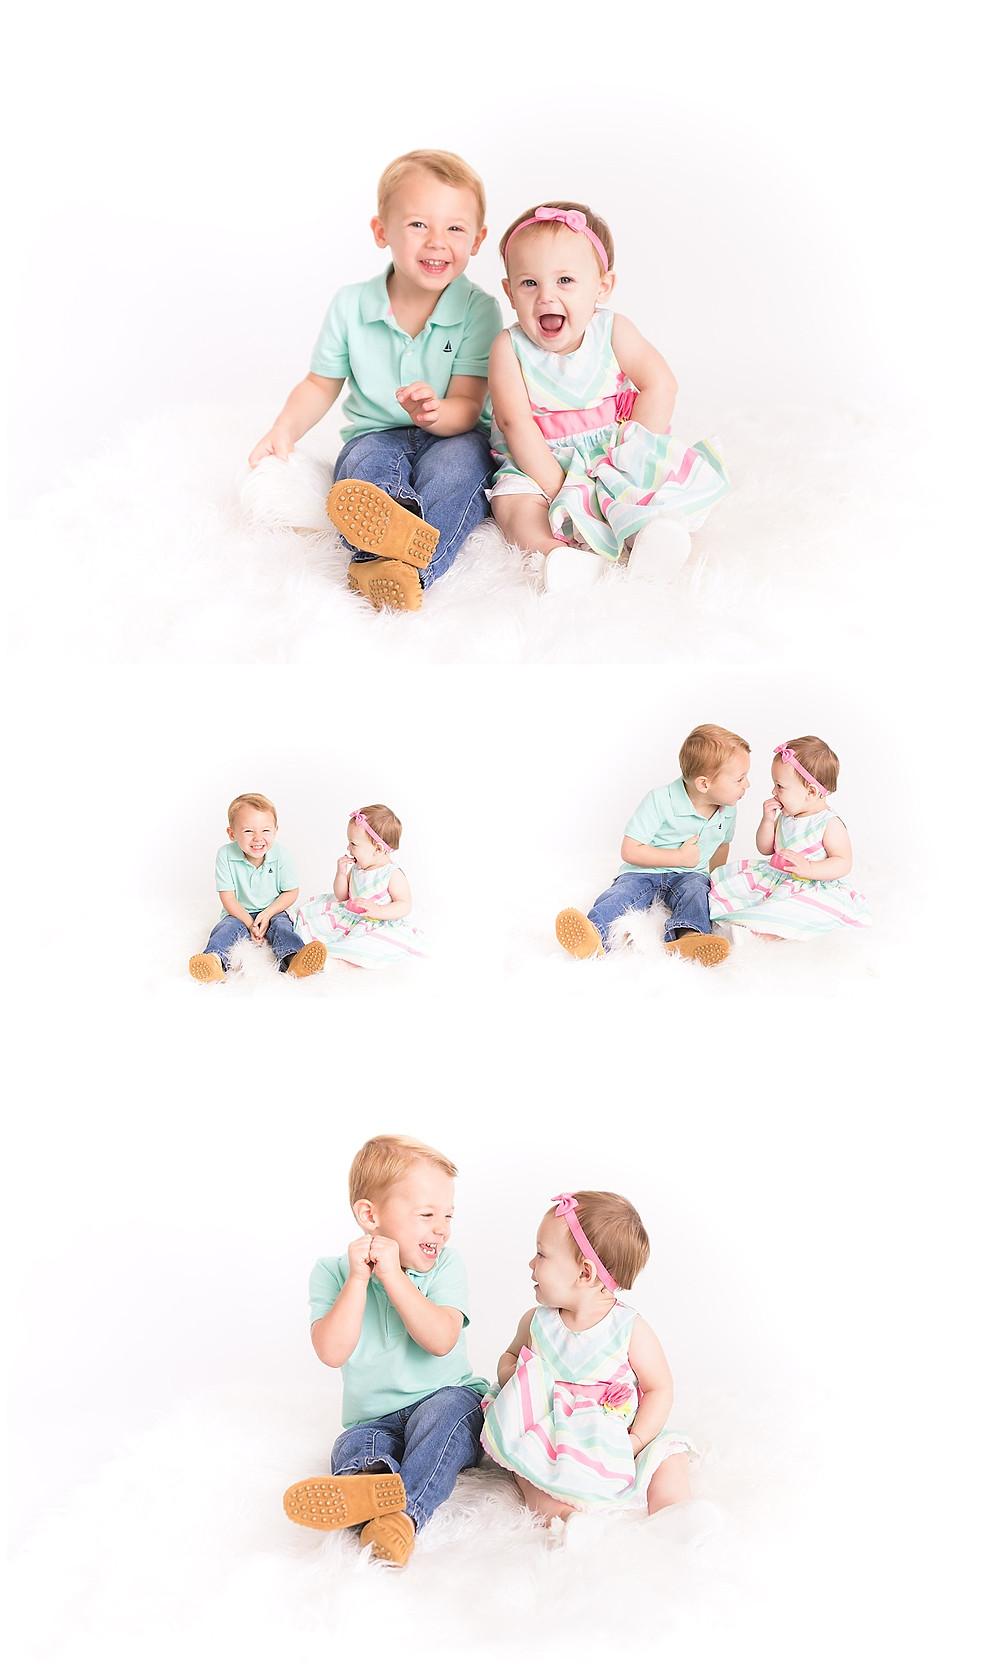 dallas family photographer, Lexi Meadows Photography